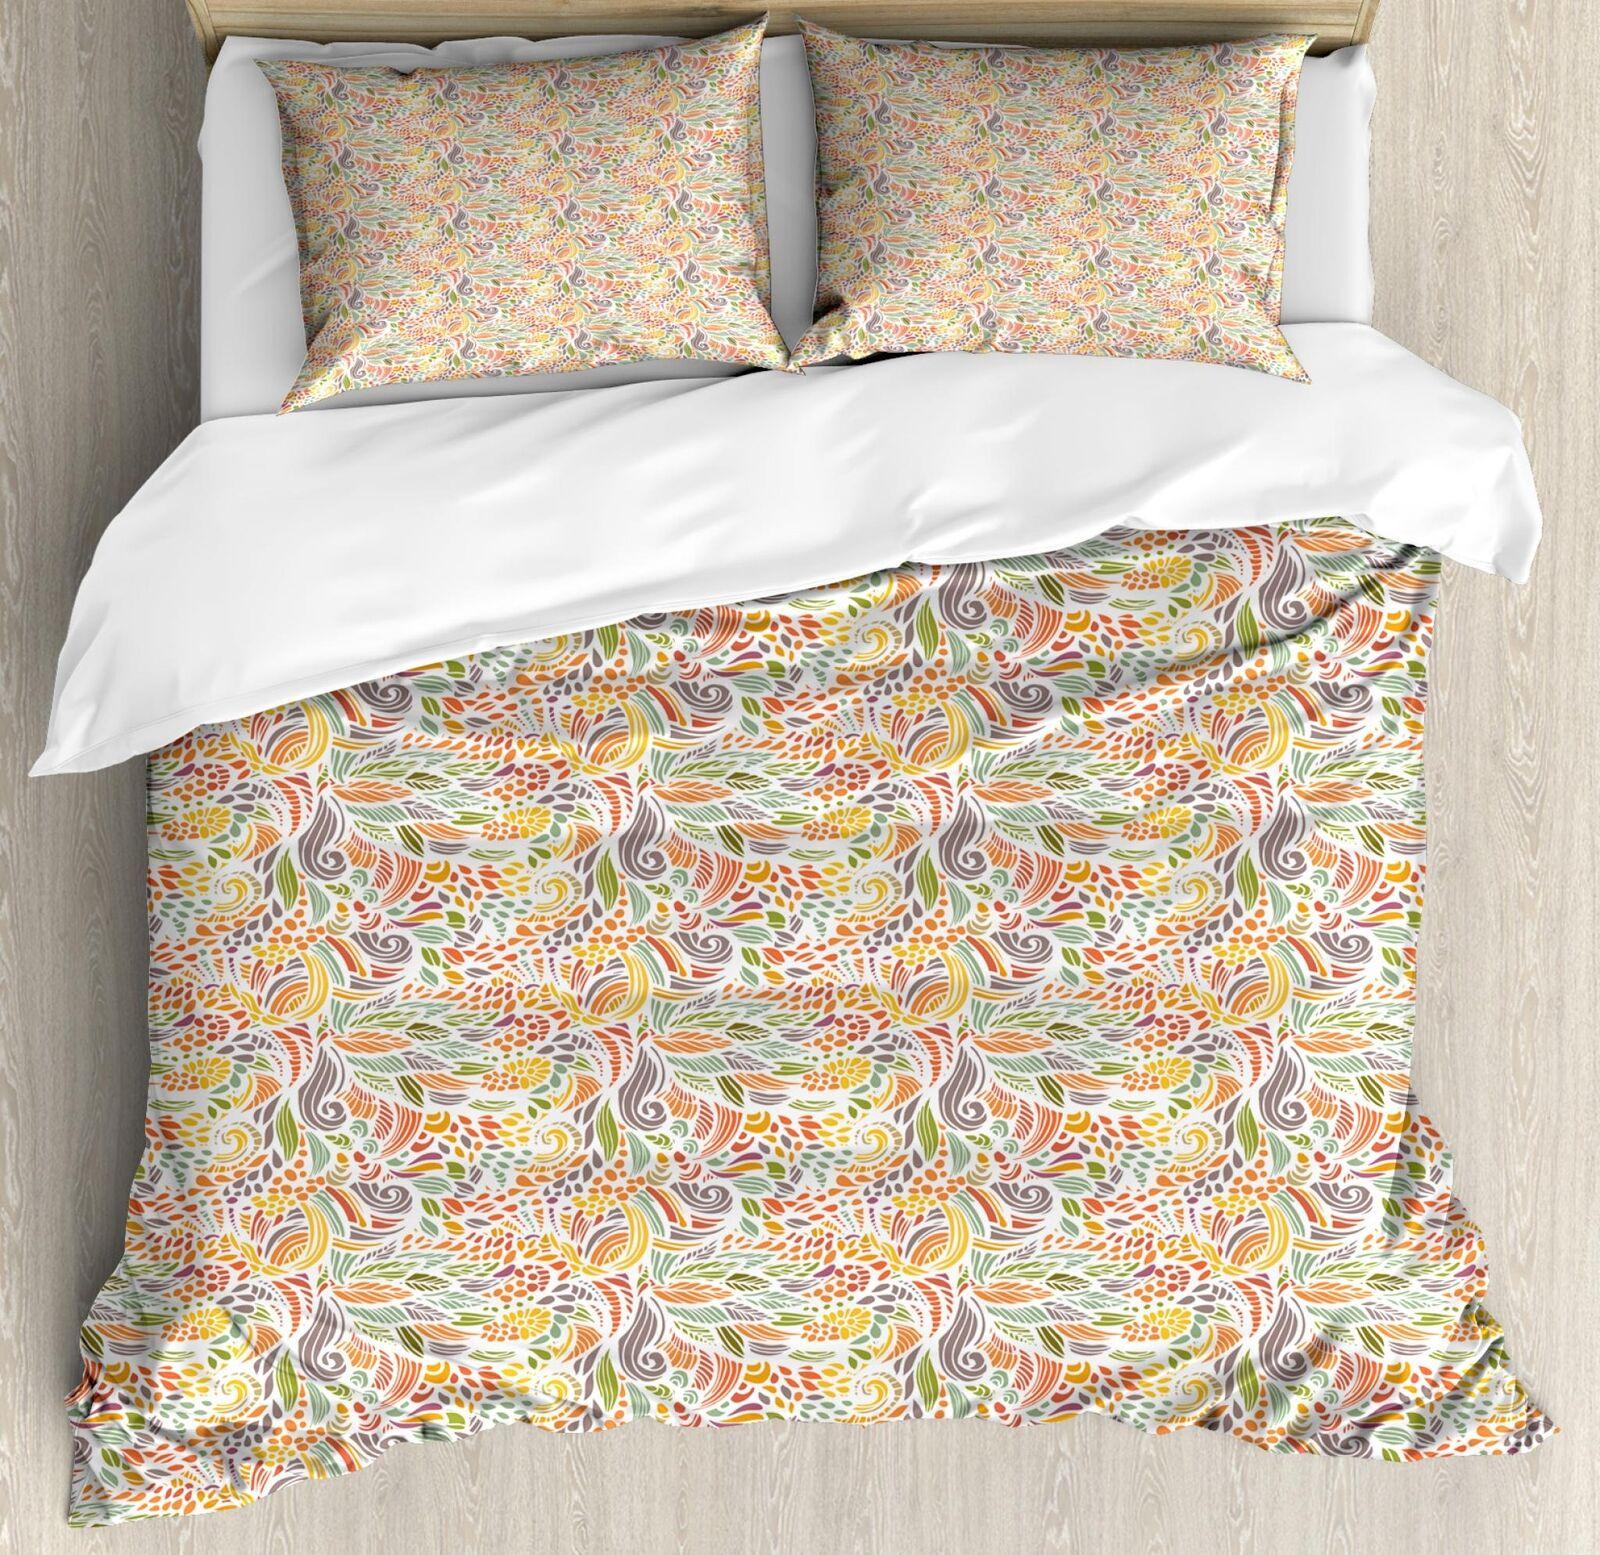 Weibliche Wellen Bettbezug Set Twin Queen King Größes with Pillow Shams